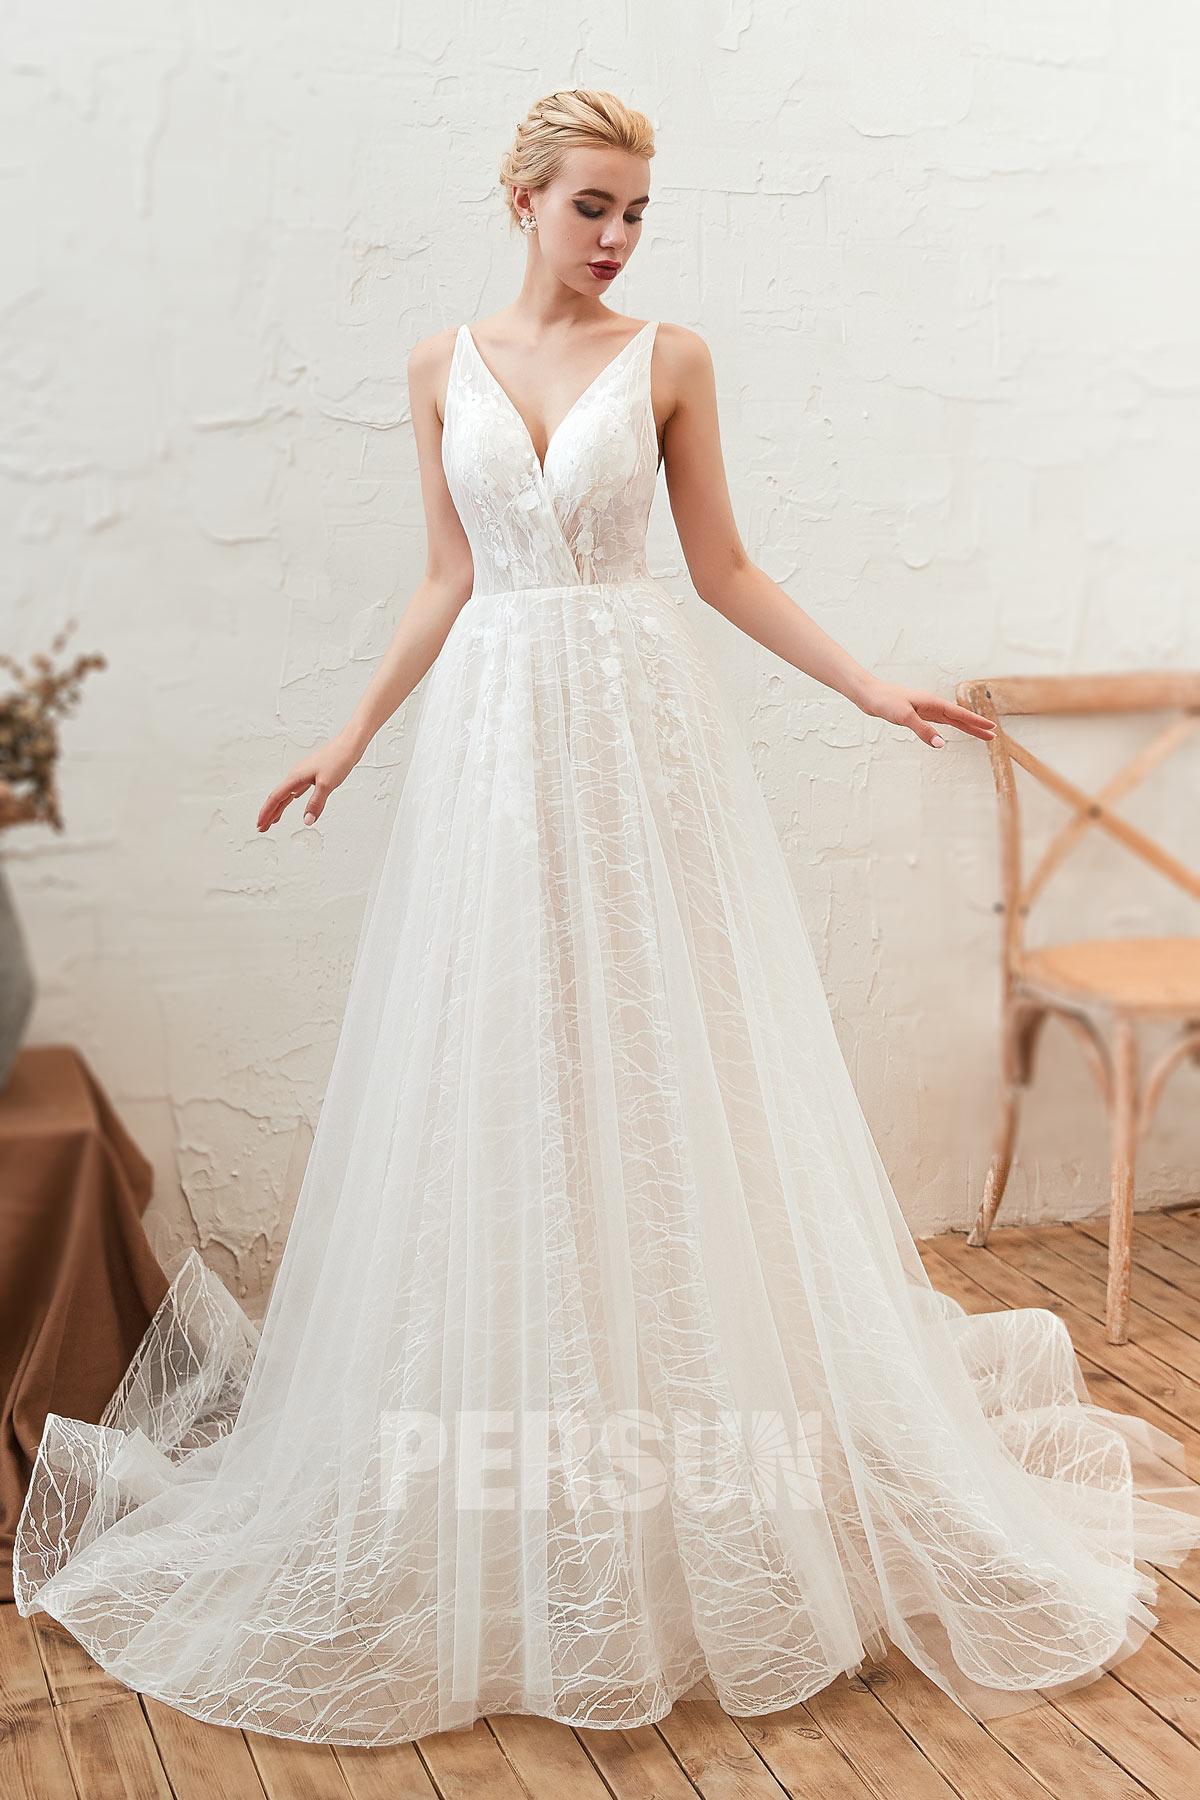 robe mariage dos nu encolure v en dentelle florale avec bretelle fine